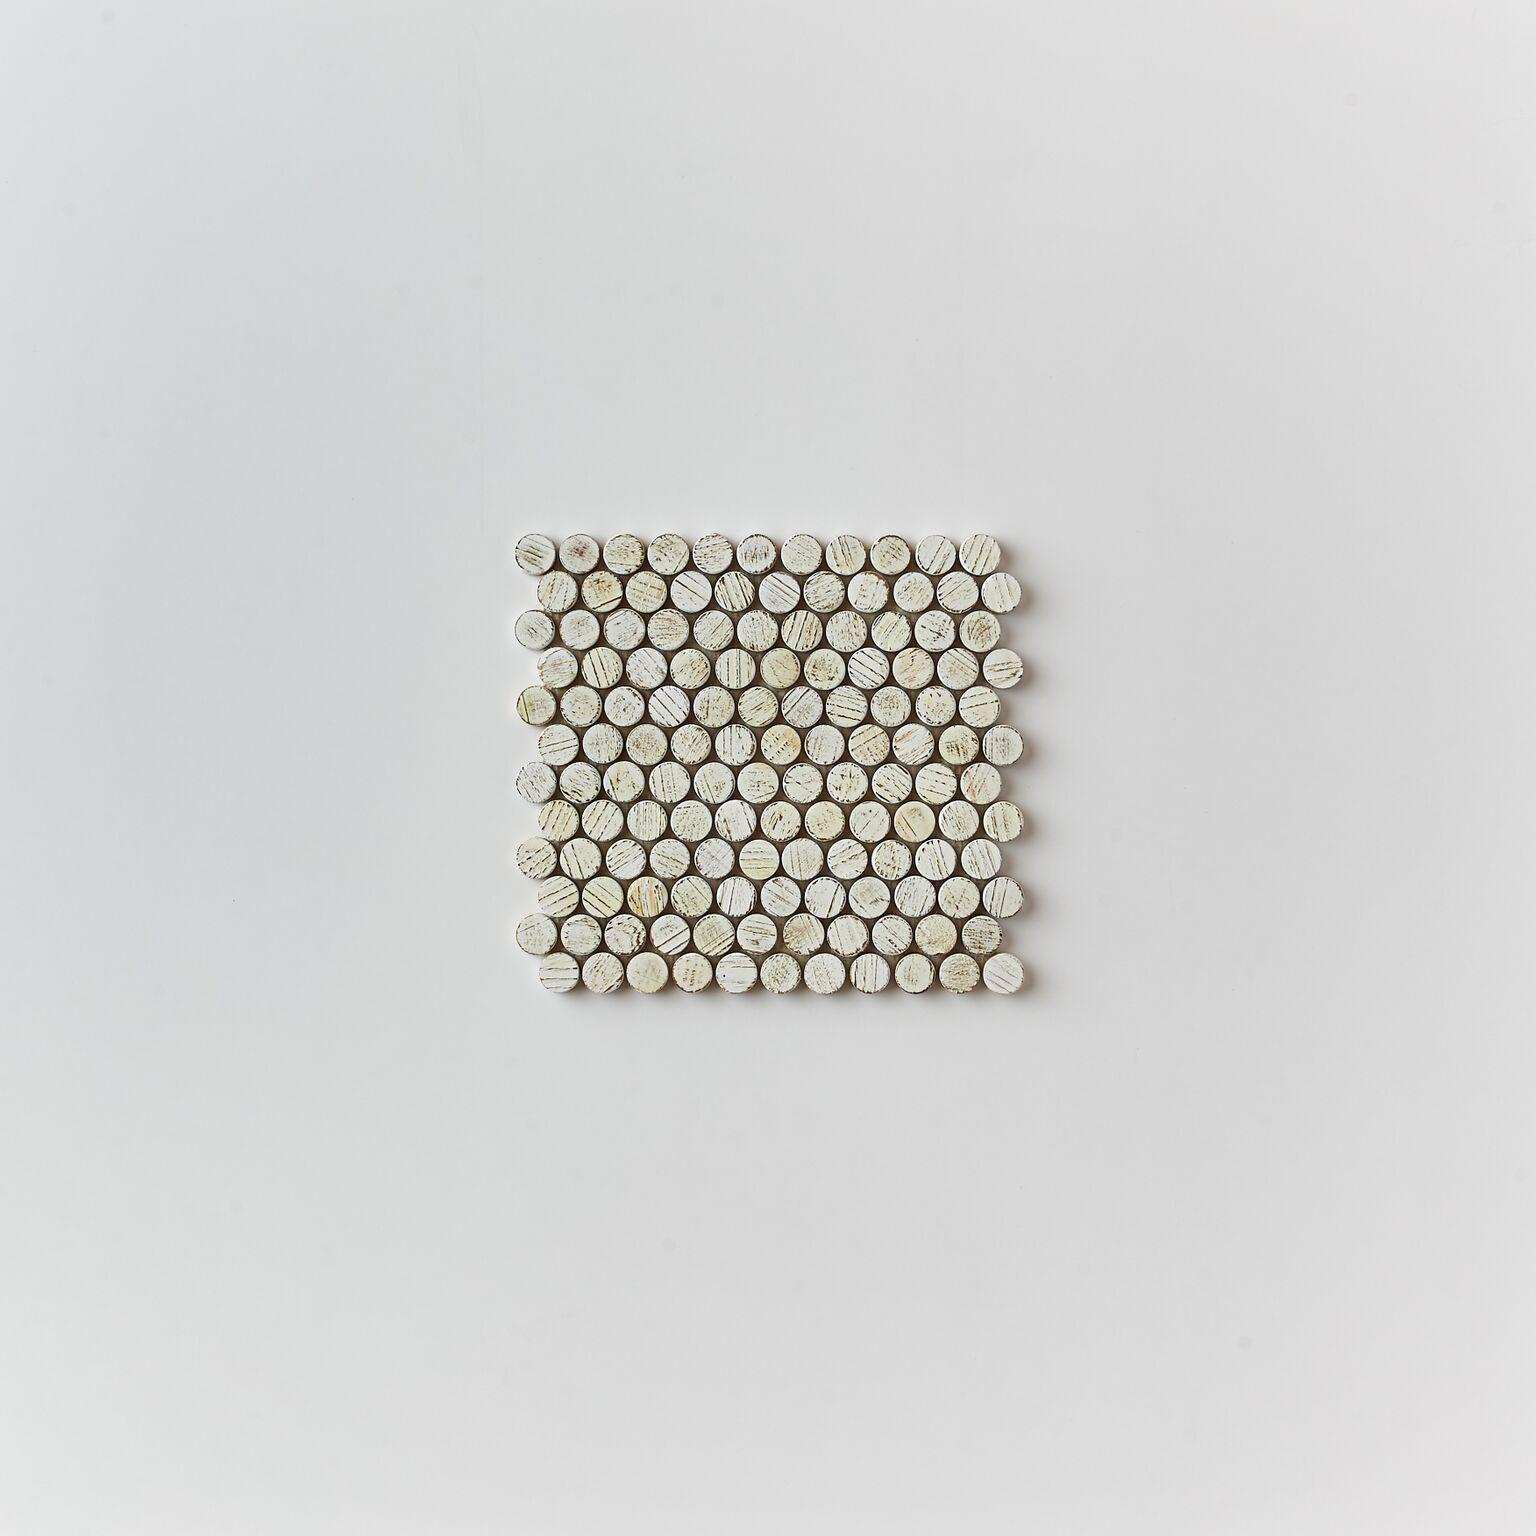 unspecified 12 - Teak Tile - Bead